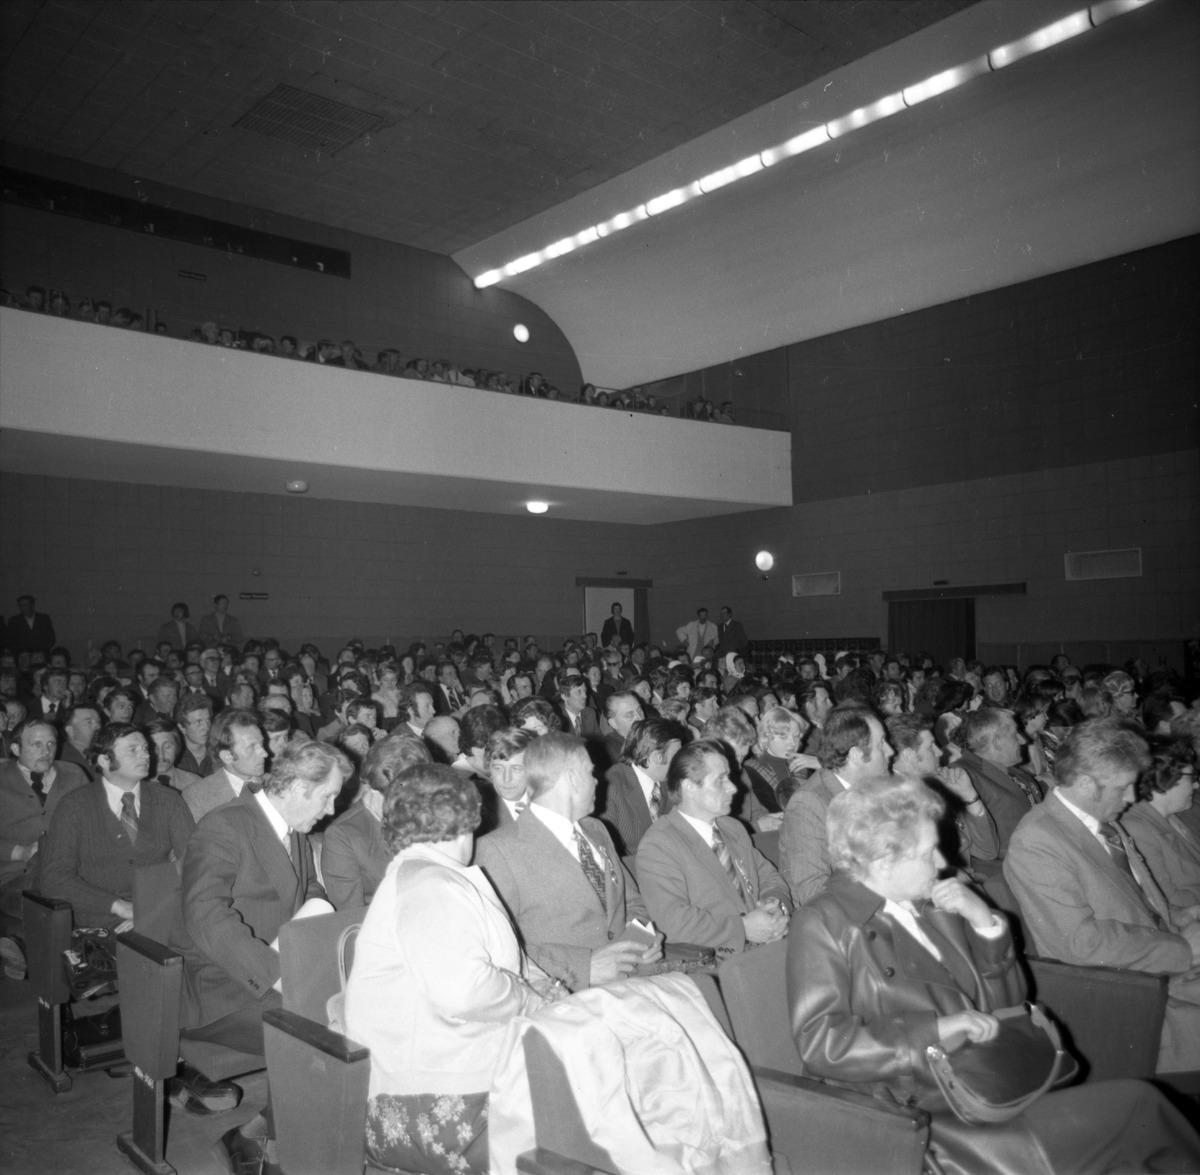 Uczestnicy uroczystości [2]